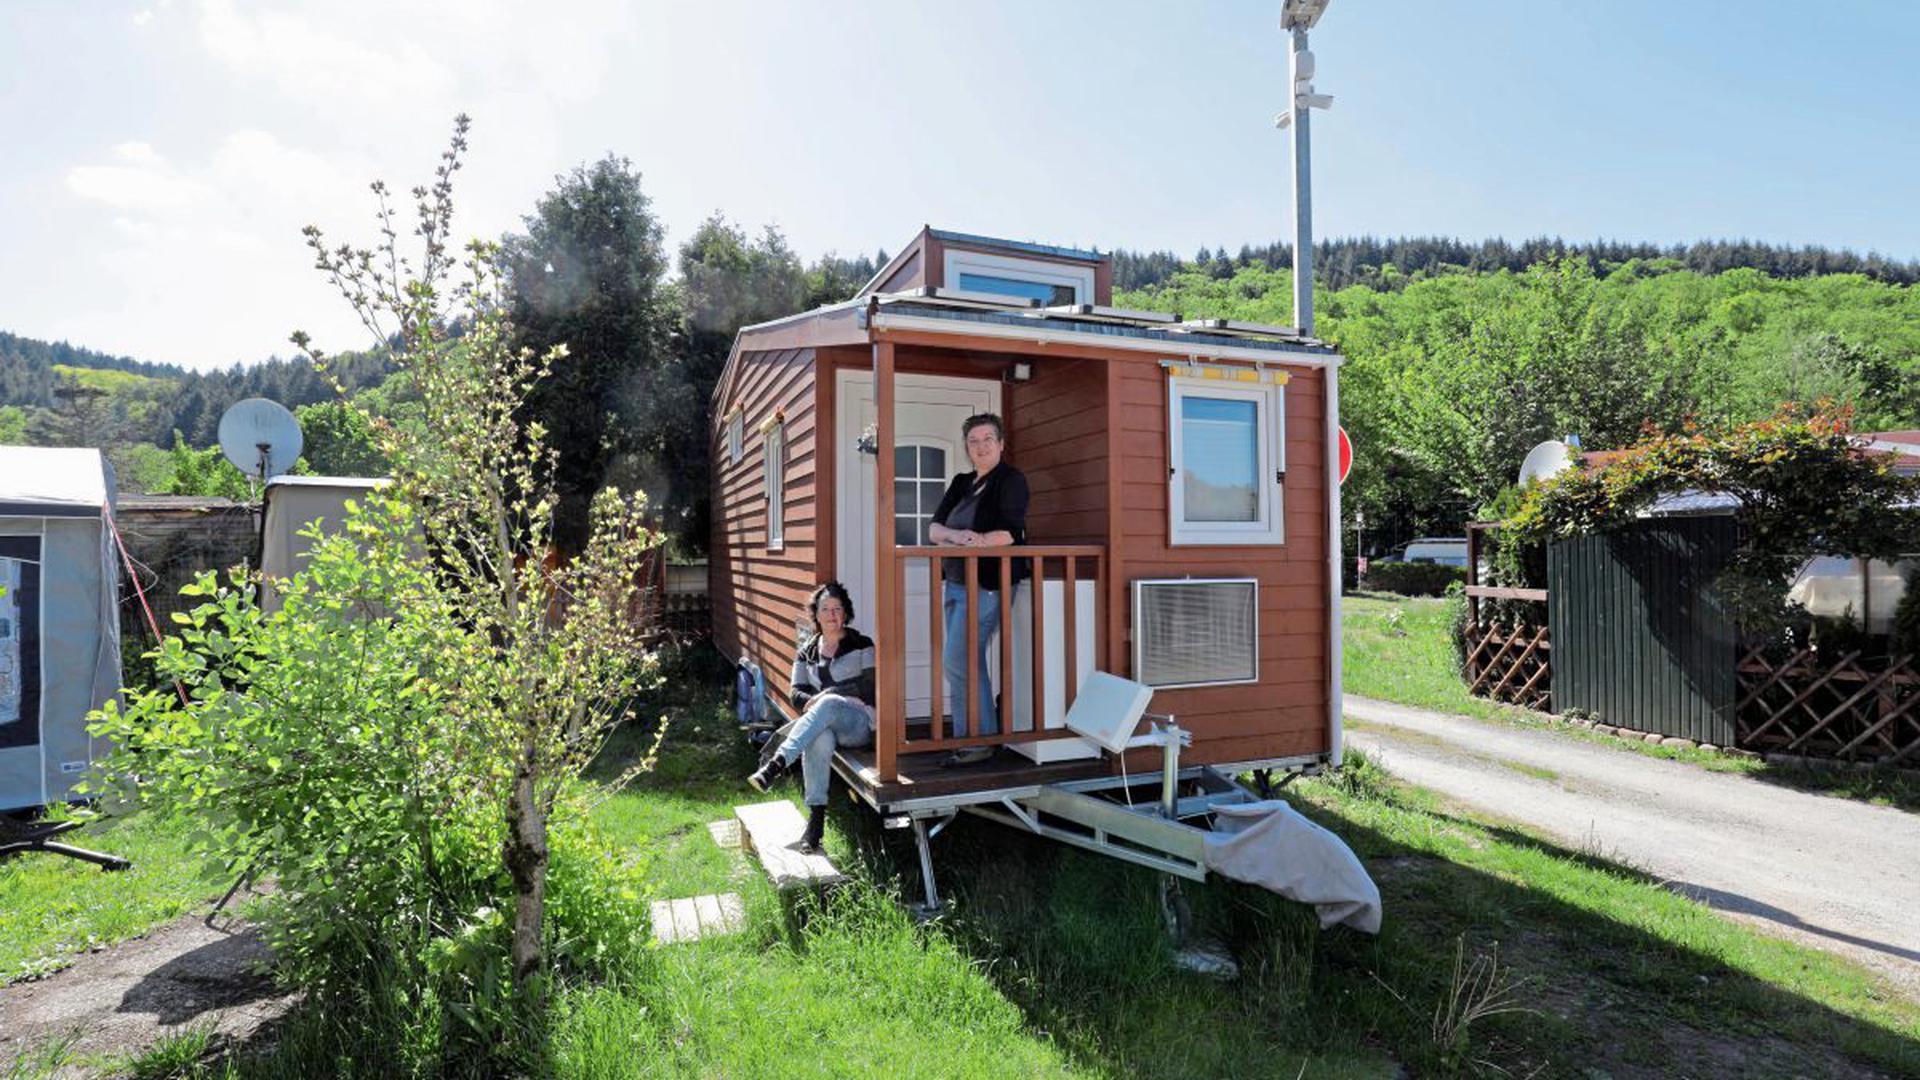 Vorposten der Mini-Siedlung: Das erste Tiny House hat auf dem Campingplatz Albgau bei Ettlingen bereits sein Domizil gefunden. Derweil haben Pascale Jenny und Regina Schleyer (von links) mit Messevorbereitungen und der Suche nach weiteren Standplätzen gut zu tun.